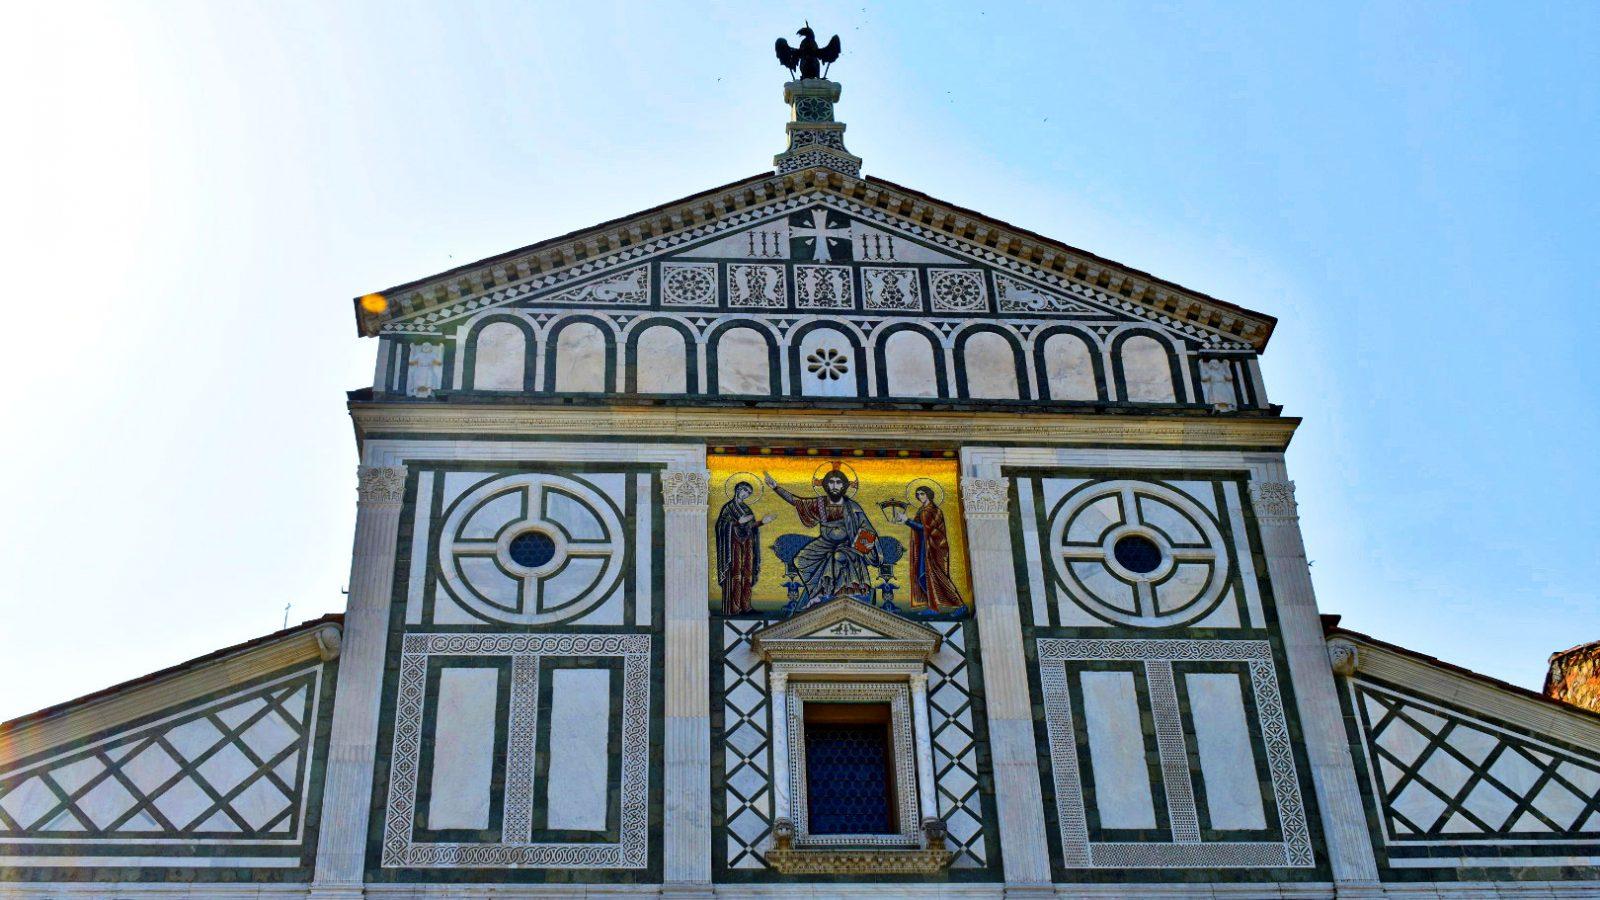 La Basilica di San Miniato al Monte è uno dei luoghi più amati dai fiorentini e dai visitatori di tutto il mondo: arte, spiritualità, storia. Un salto attraverso il tempo tra Romanico e Rinascimento.